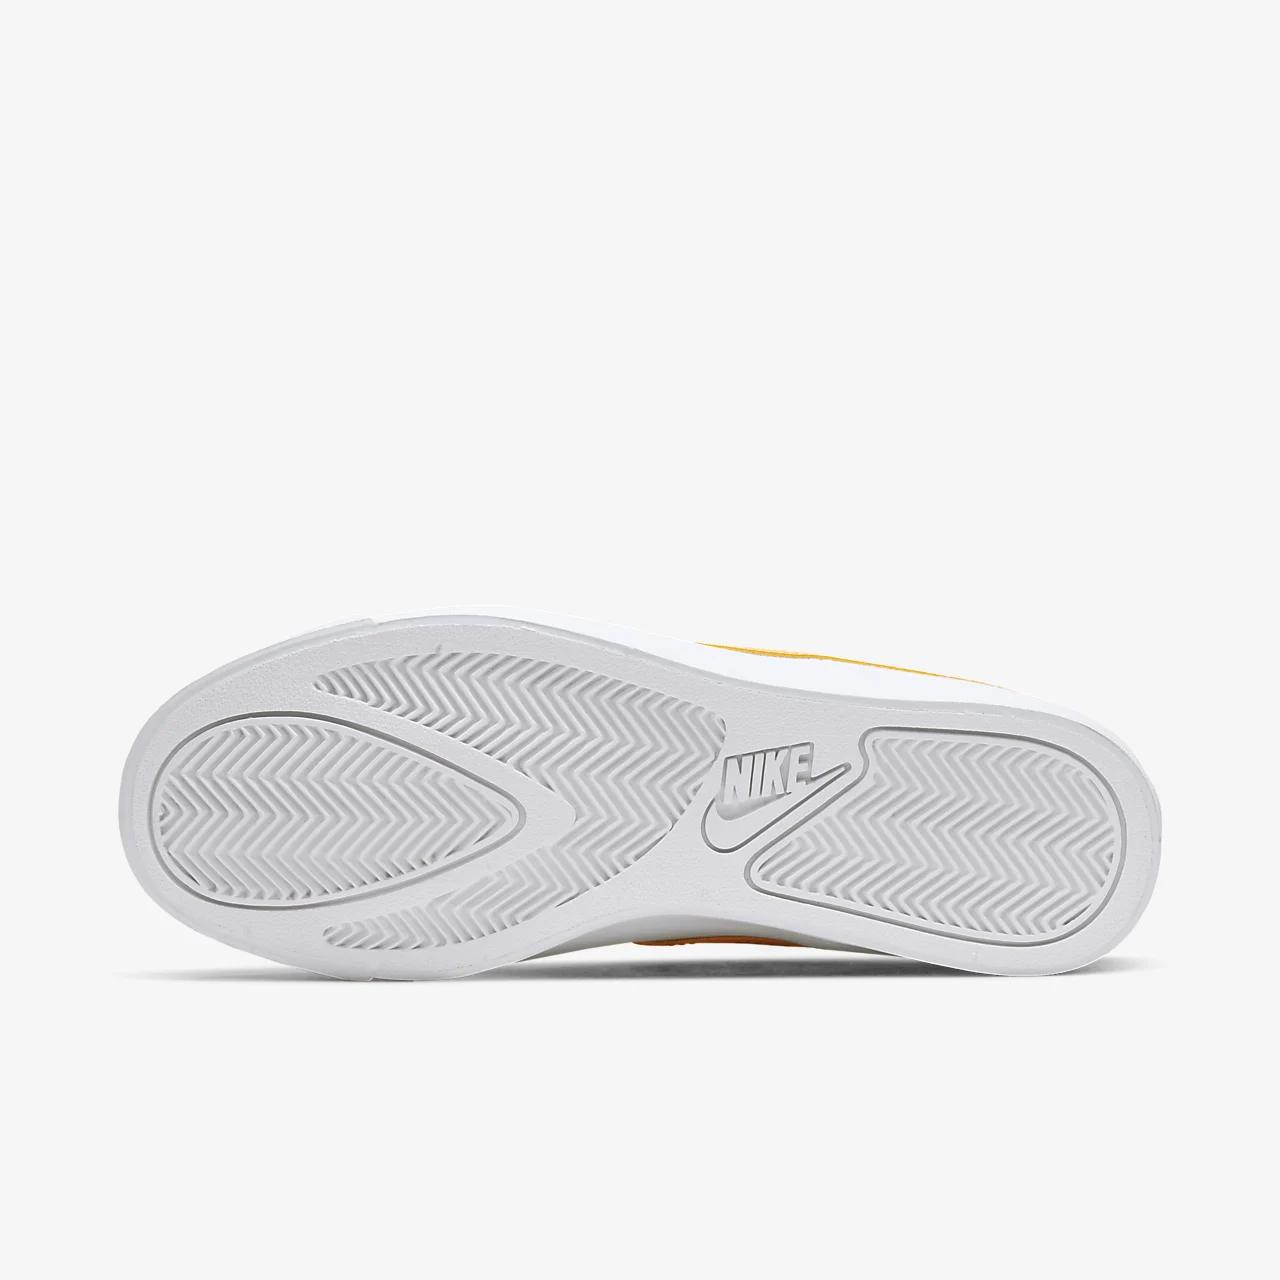 나이키 코트 로얄 AC 캔버스 여성 신발 CD5405-102